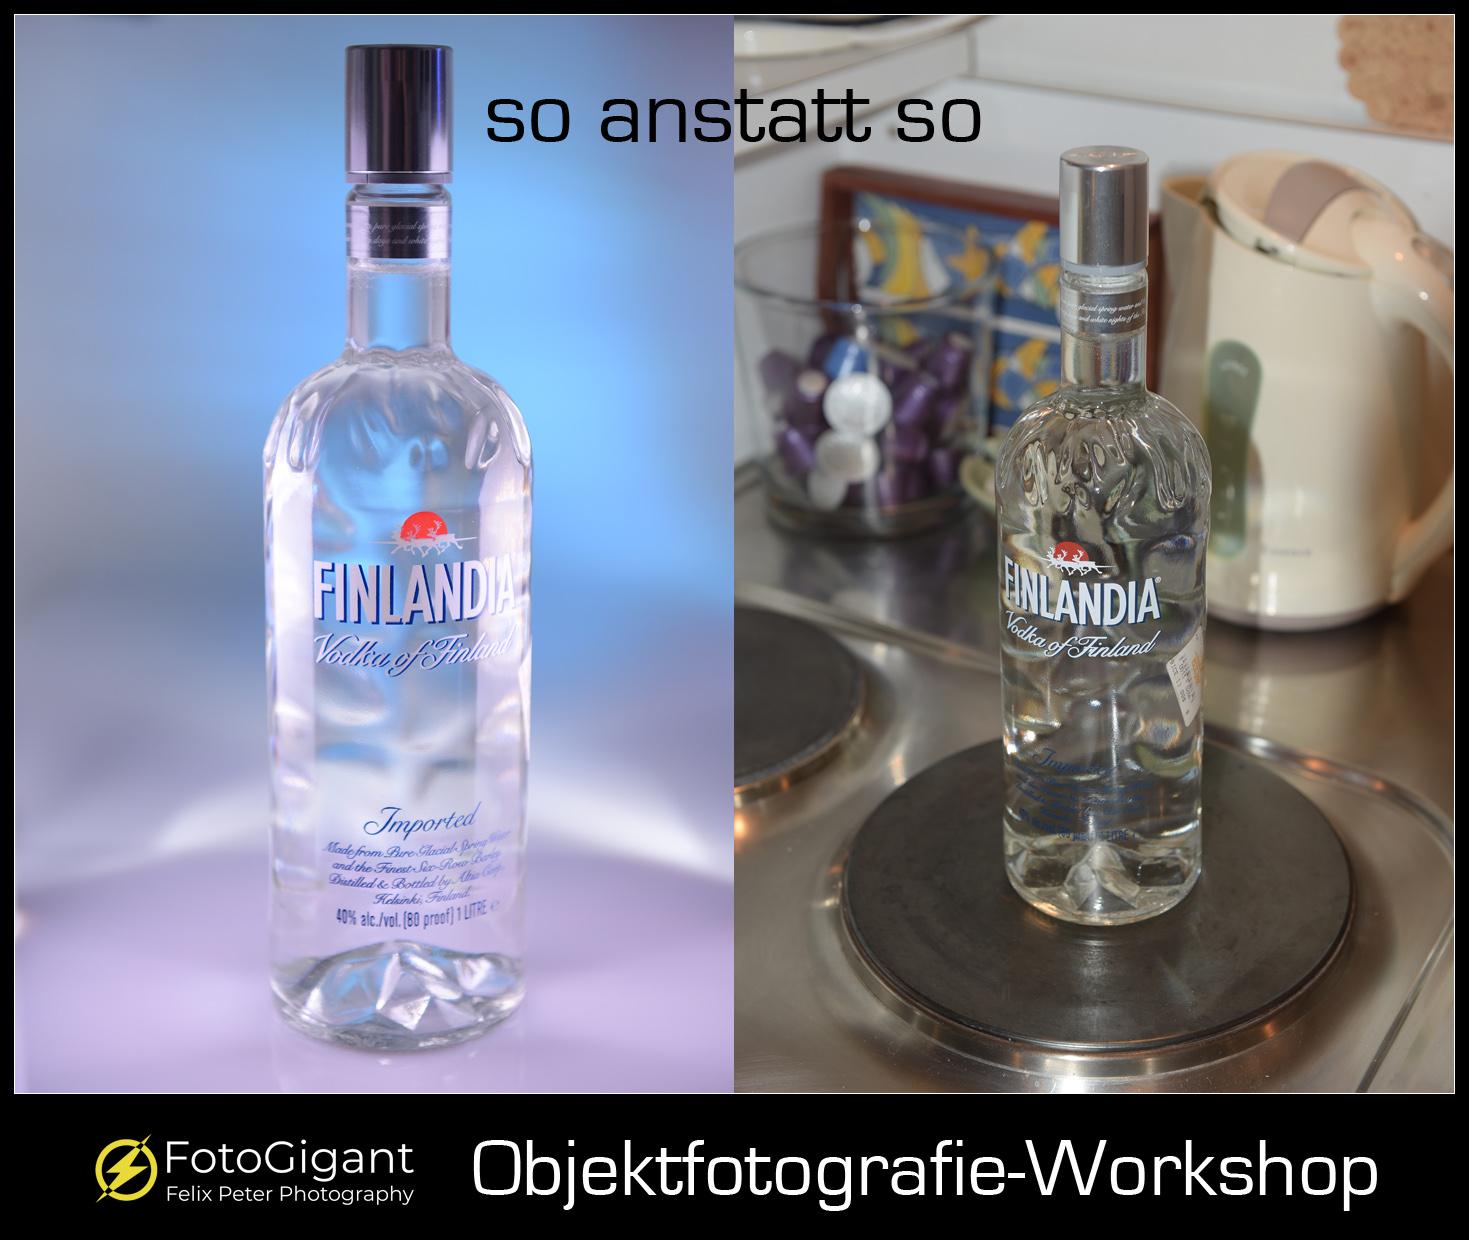 Objektkurs_So-anstatt-So_Bild1.jpg